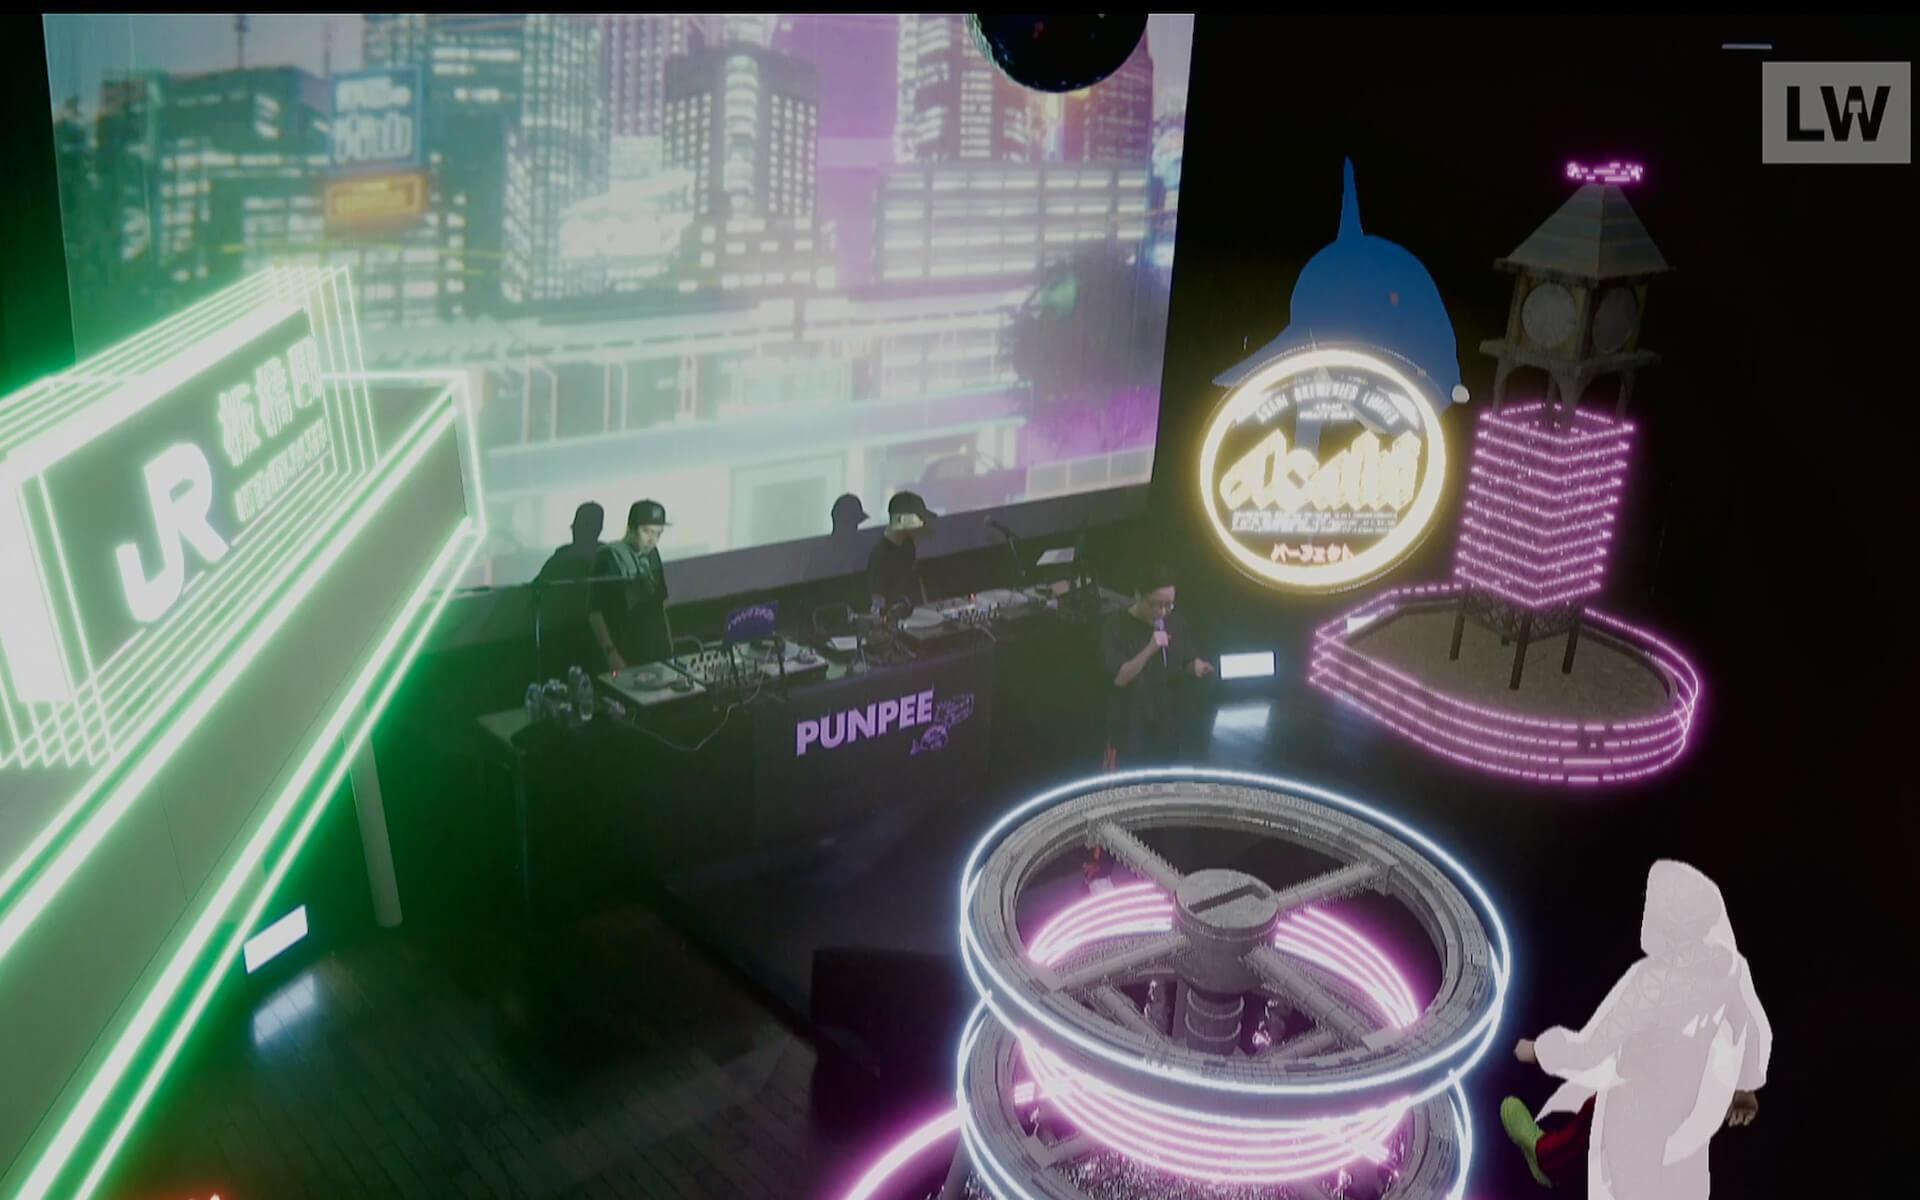 ライブレポート:LIVEWIRE PUNPEE<Sofa Kingdomcome>|映画作品のような夢見心地の時間 music200915_punpee_13